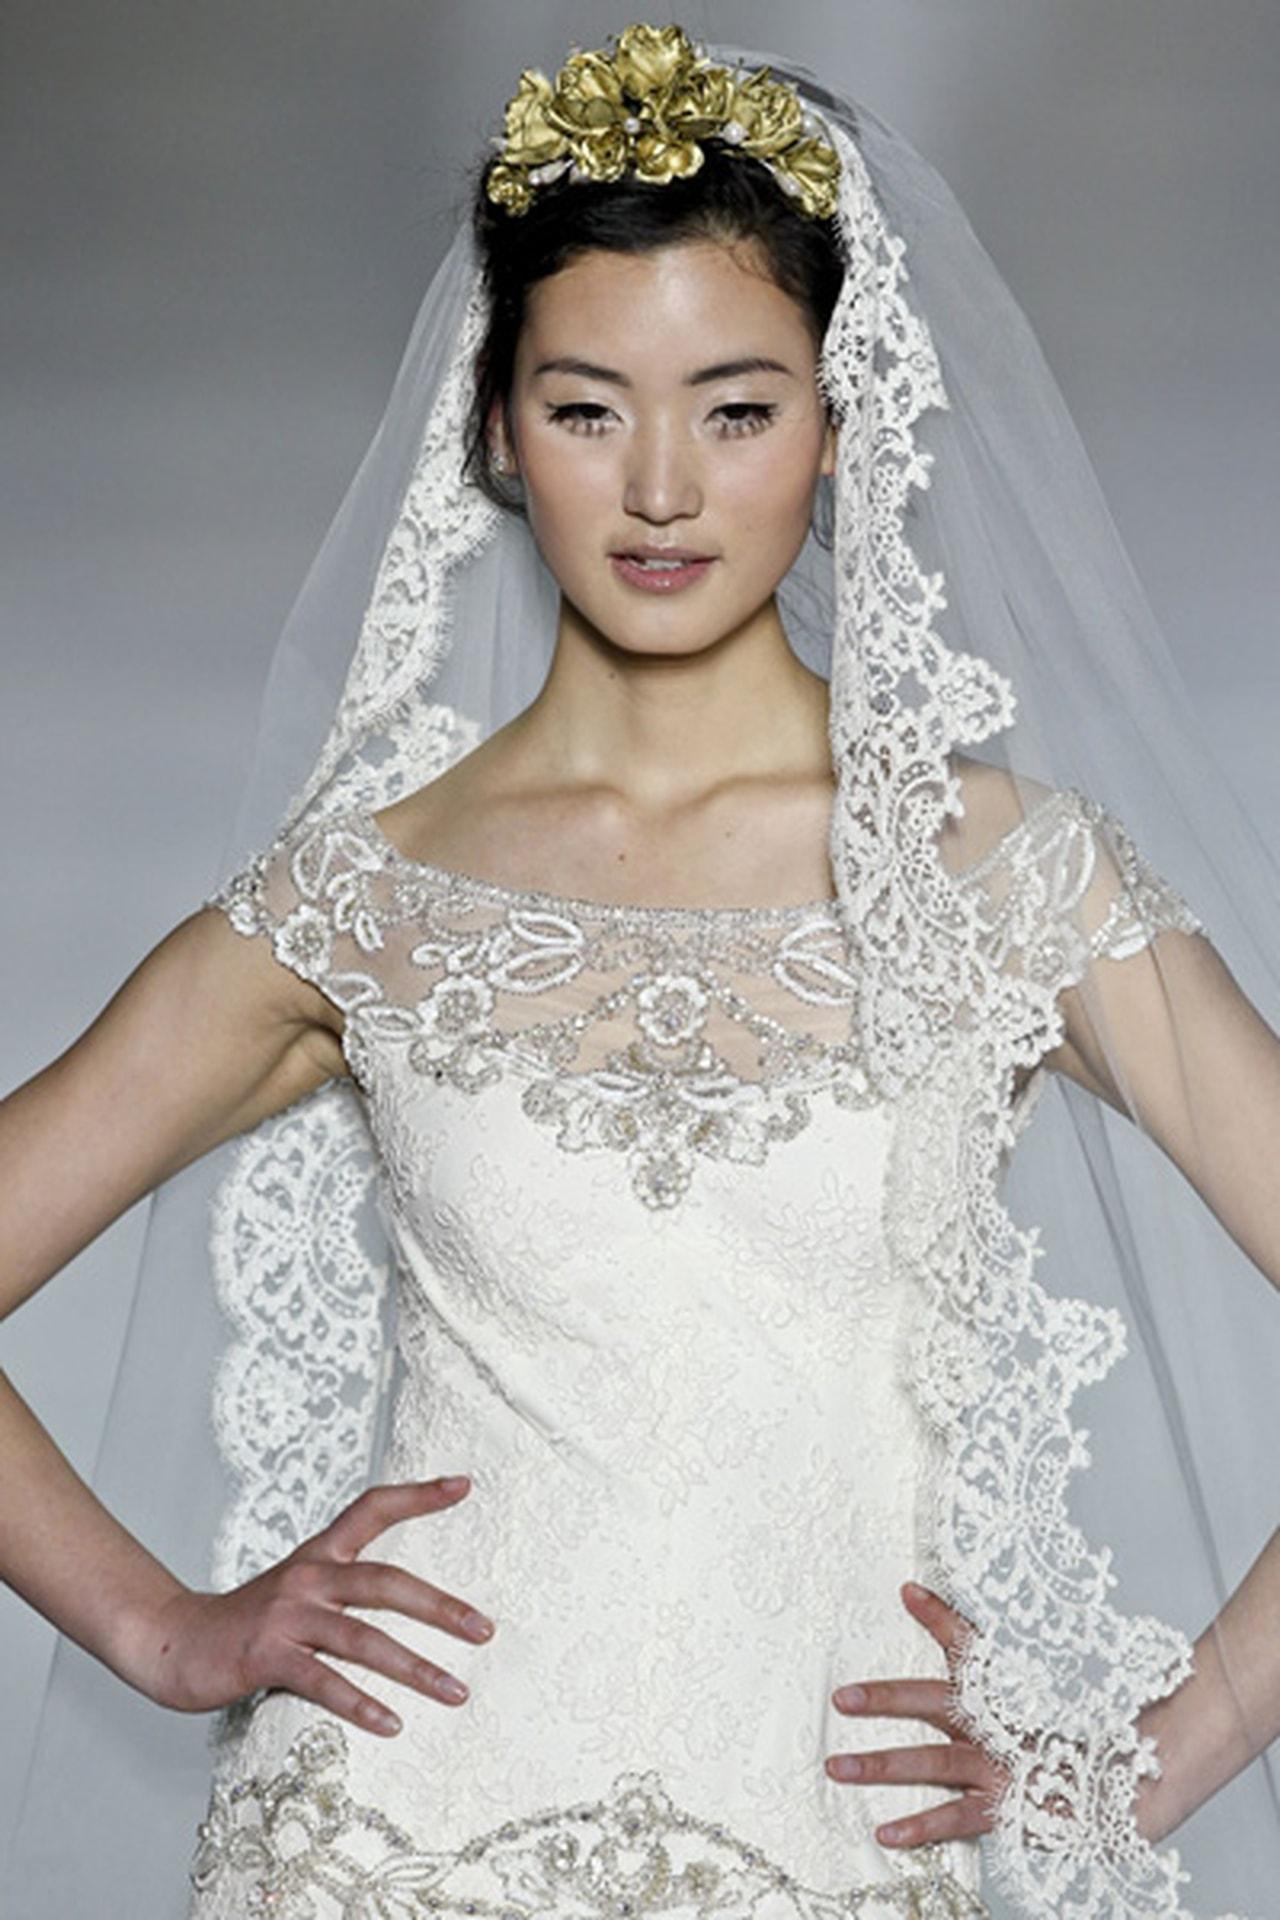 بالصور صور تسريحات عرايس مع تاج صور تاج للعروسة , احدث صيحات الشعر ليوم الزفاف 68 3